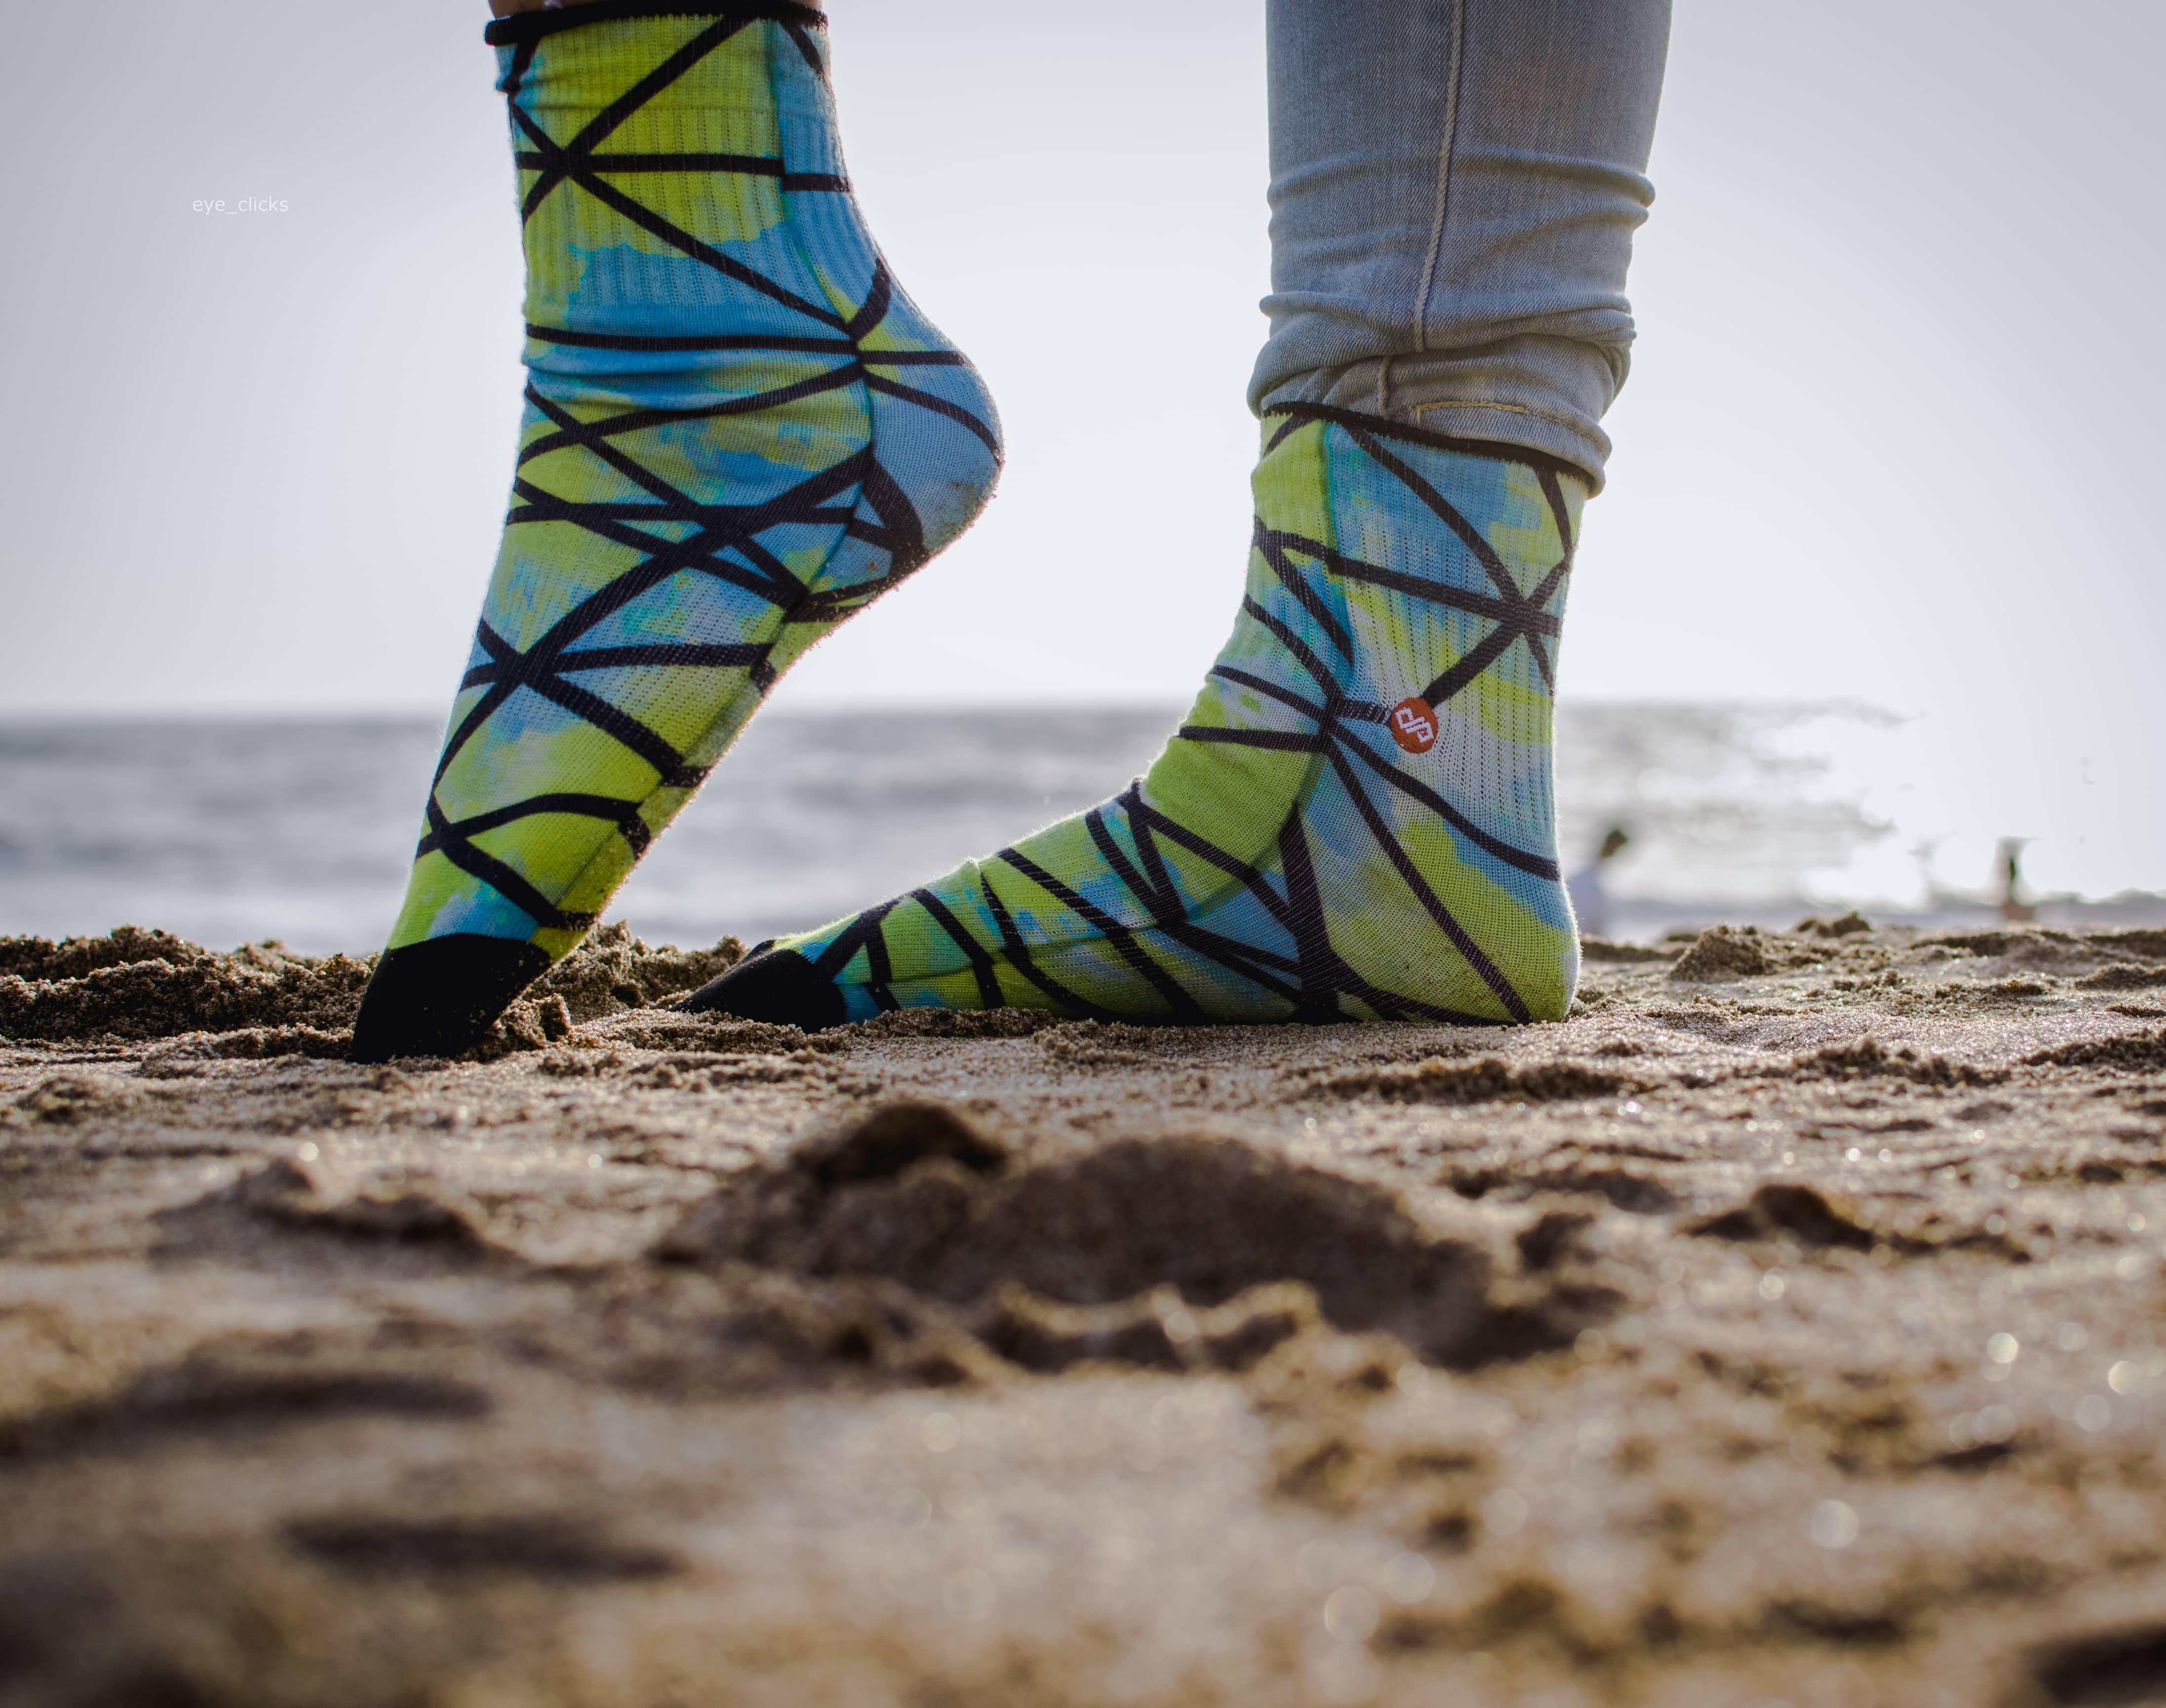 Dynamocks Shaolin Shoe socks for Men & Women.